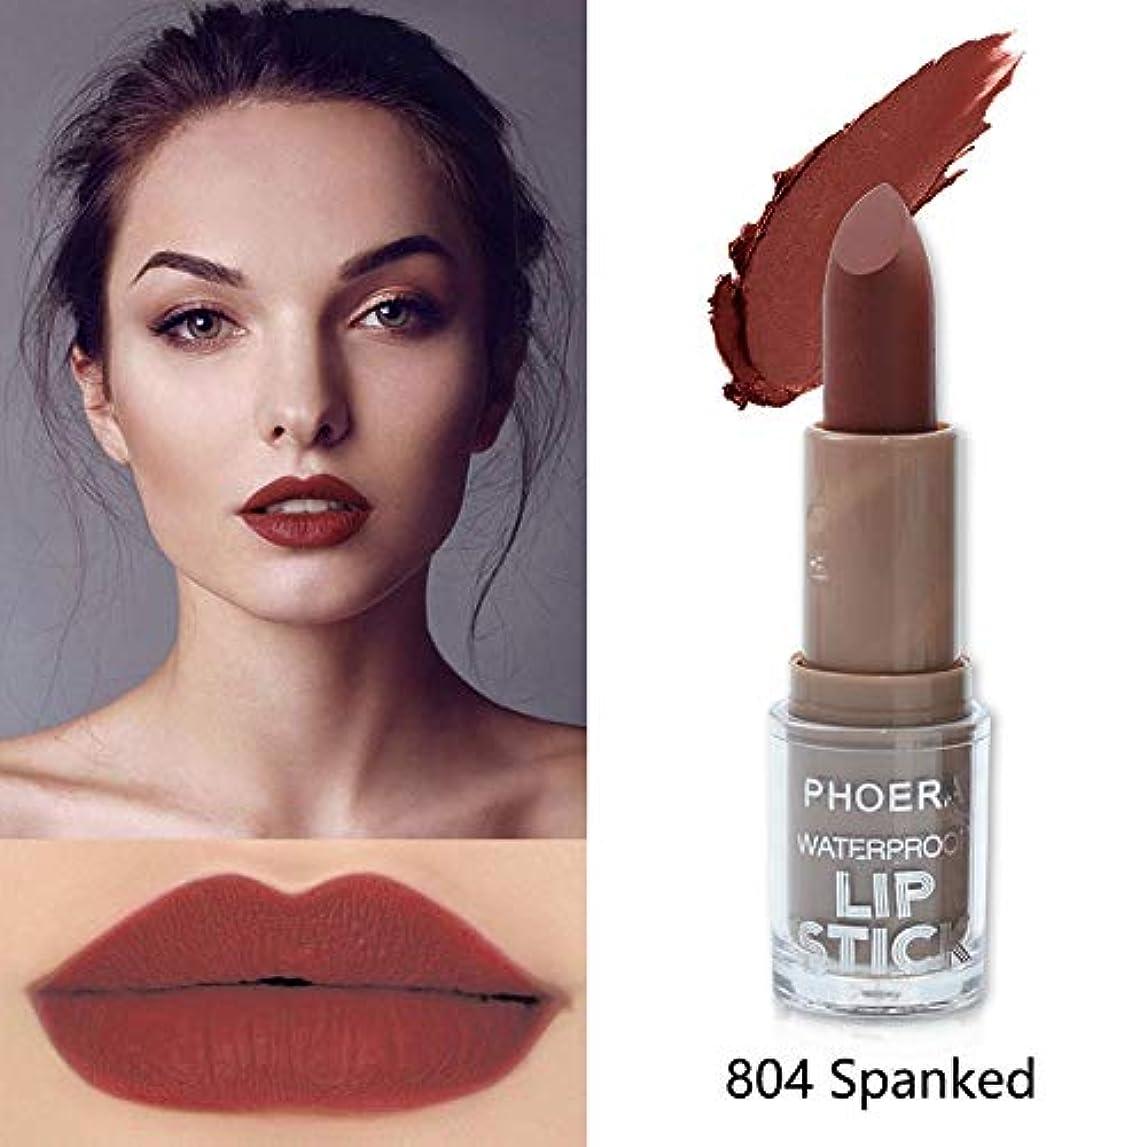 過度の褐色セマフォBeauty Matte Moisturizing Lipstick Makeup Lipsticks Lip Stick Waterproof Lipgloss Mate Lipsticks Cosmetic